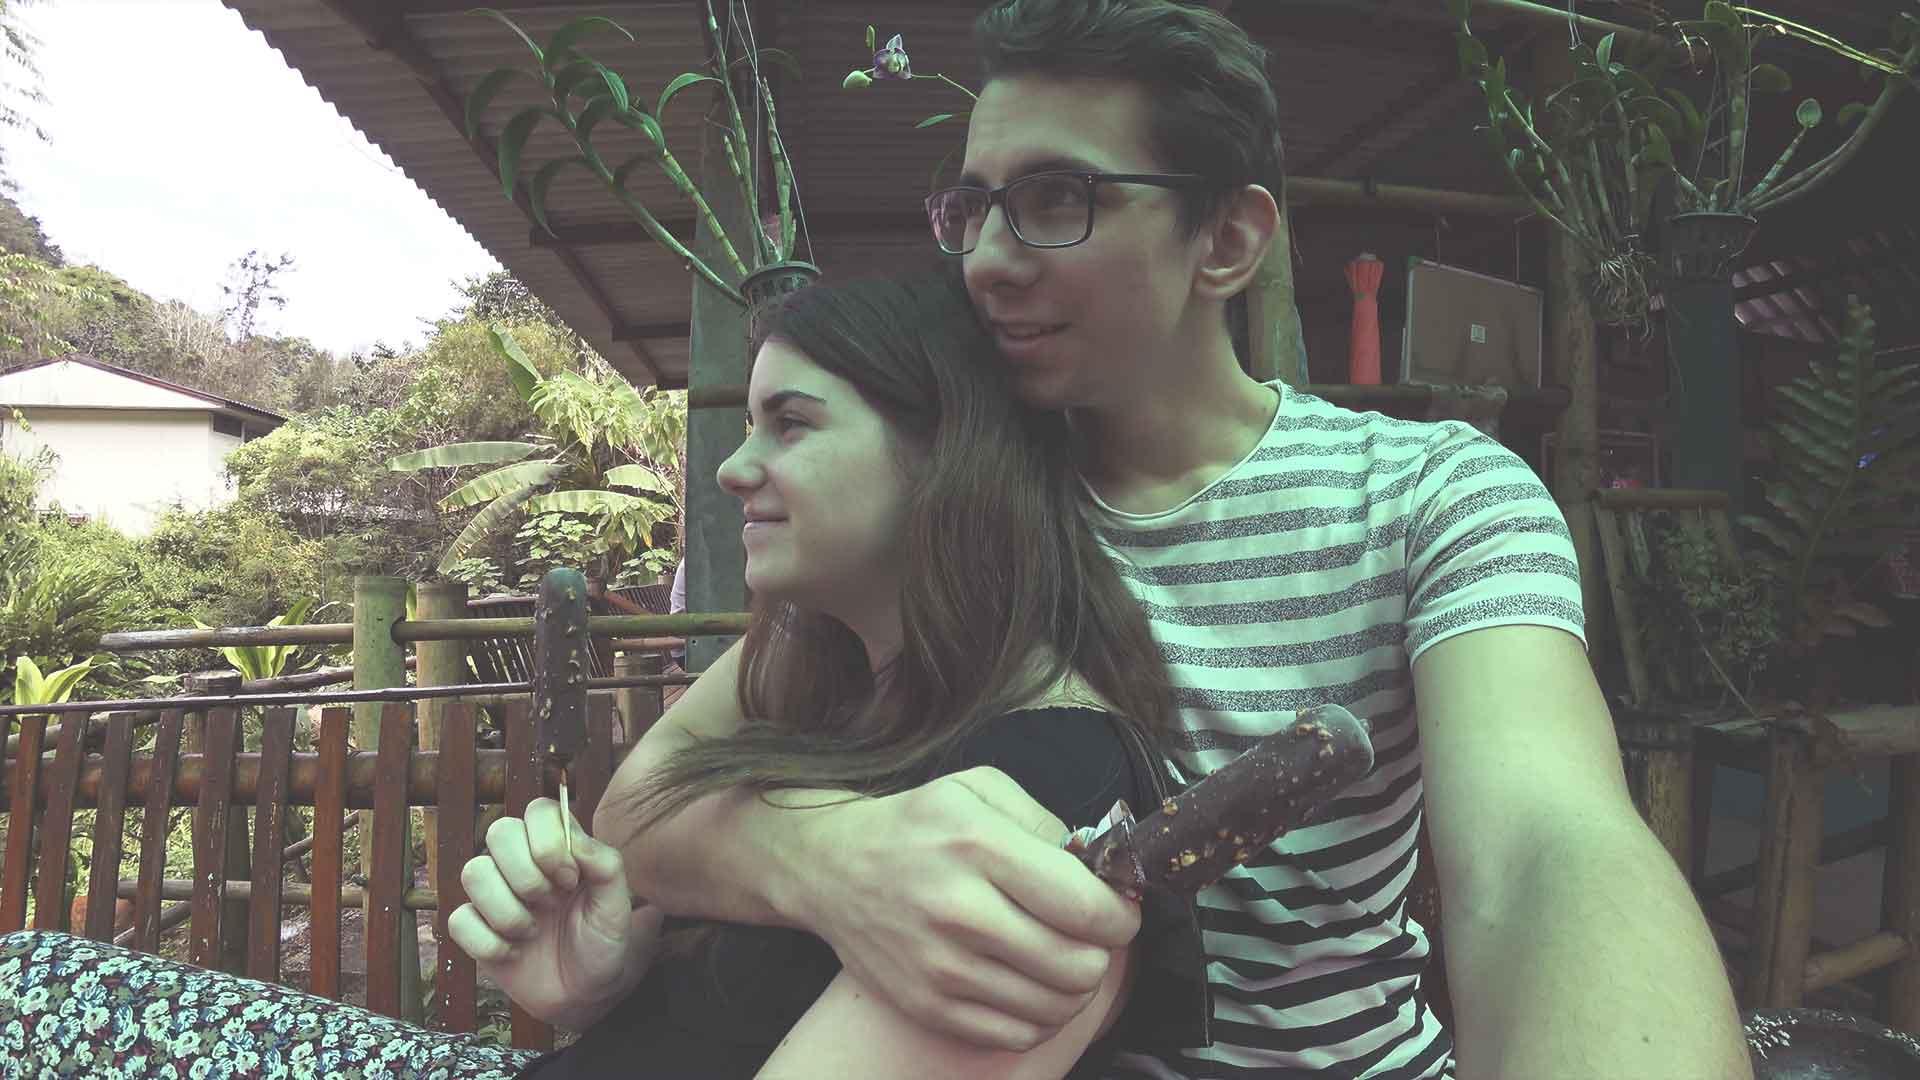 Fahrt von Chiang Mai nach Pai - Zwischenstopp - Jasmin und Valentin essen ein Eis